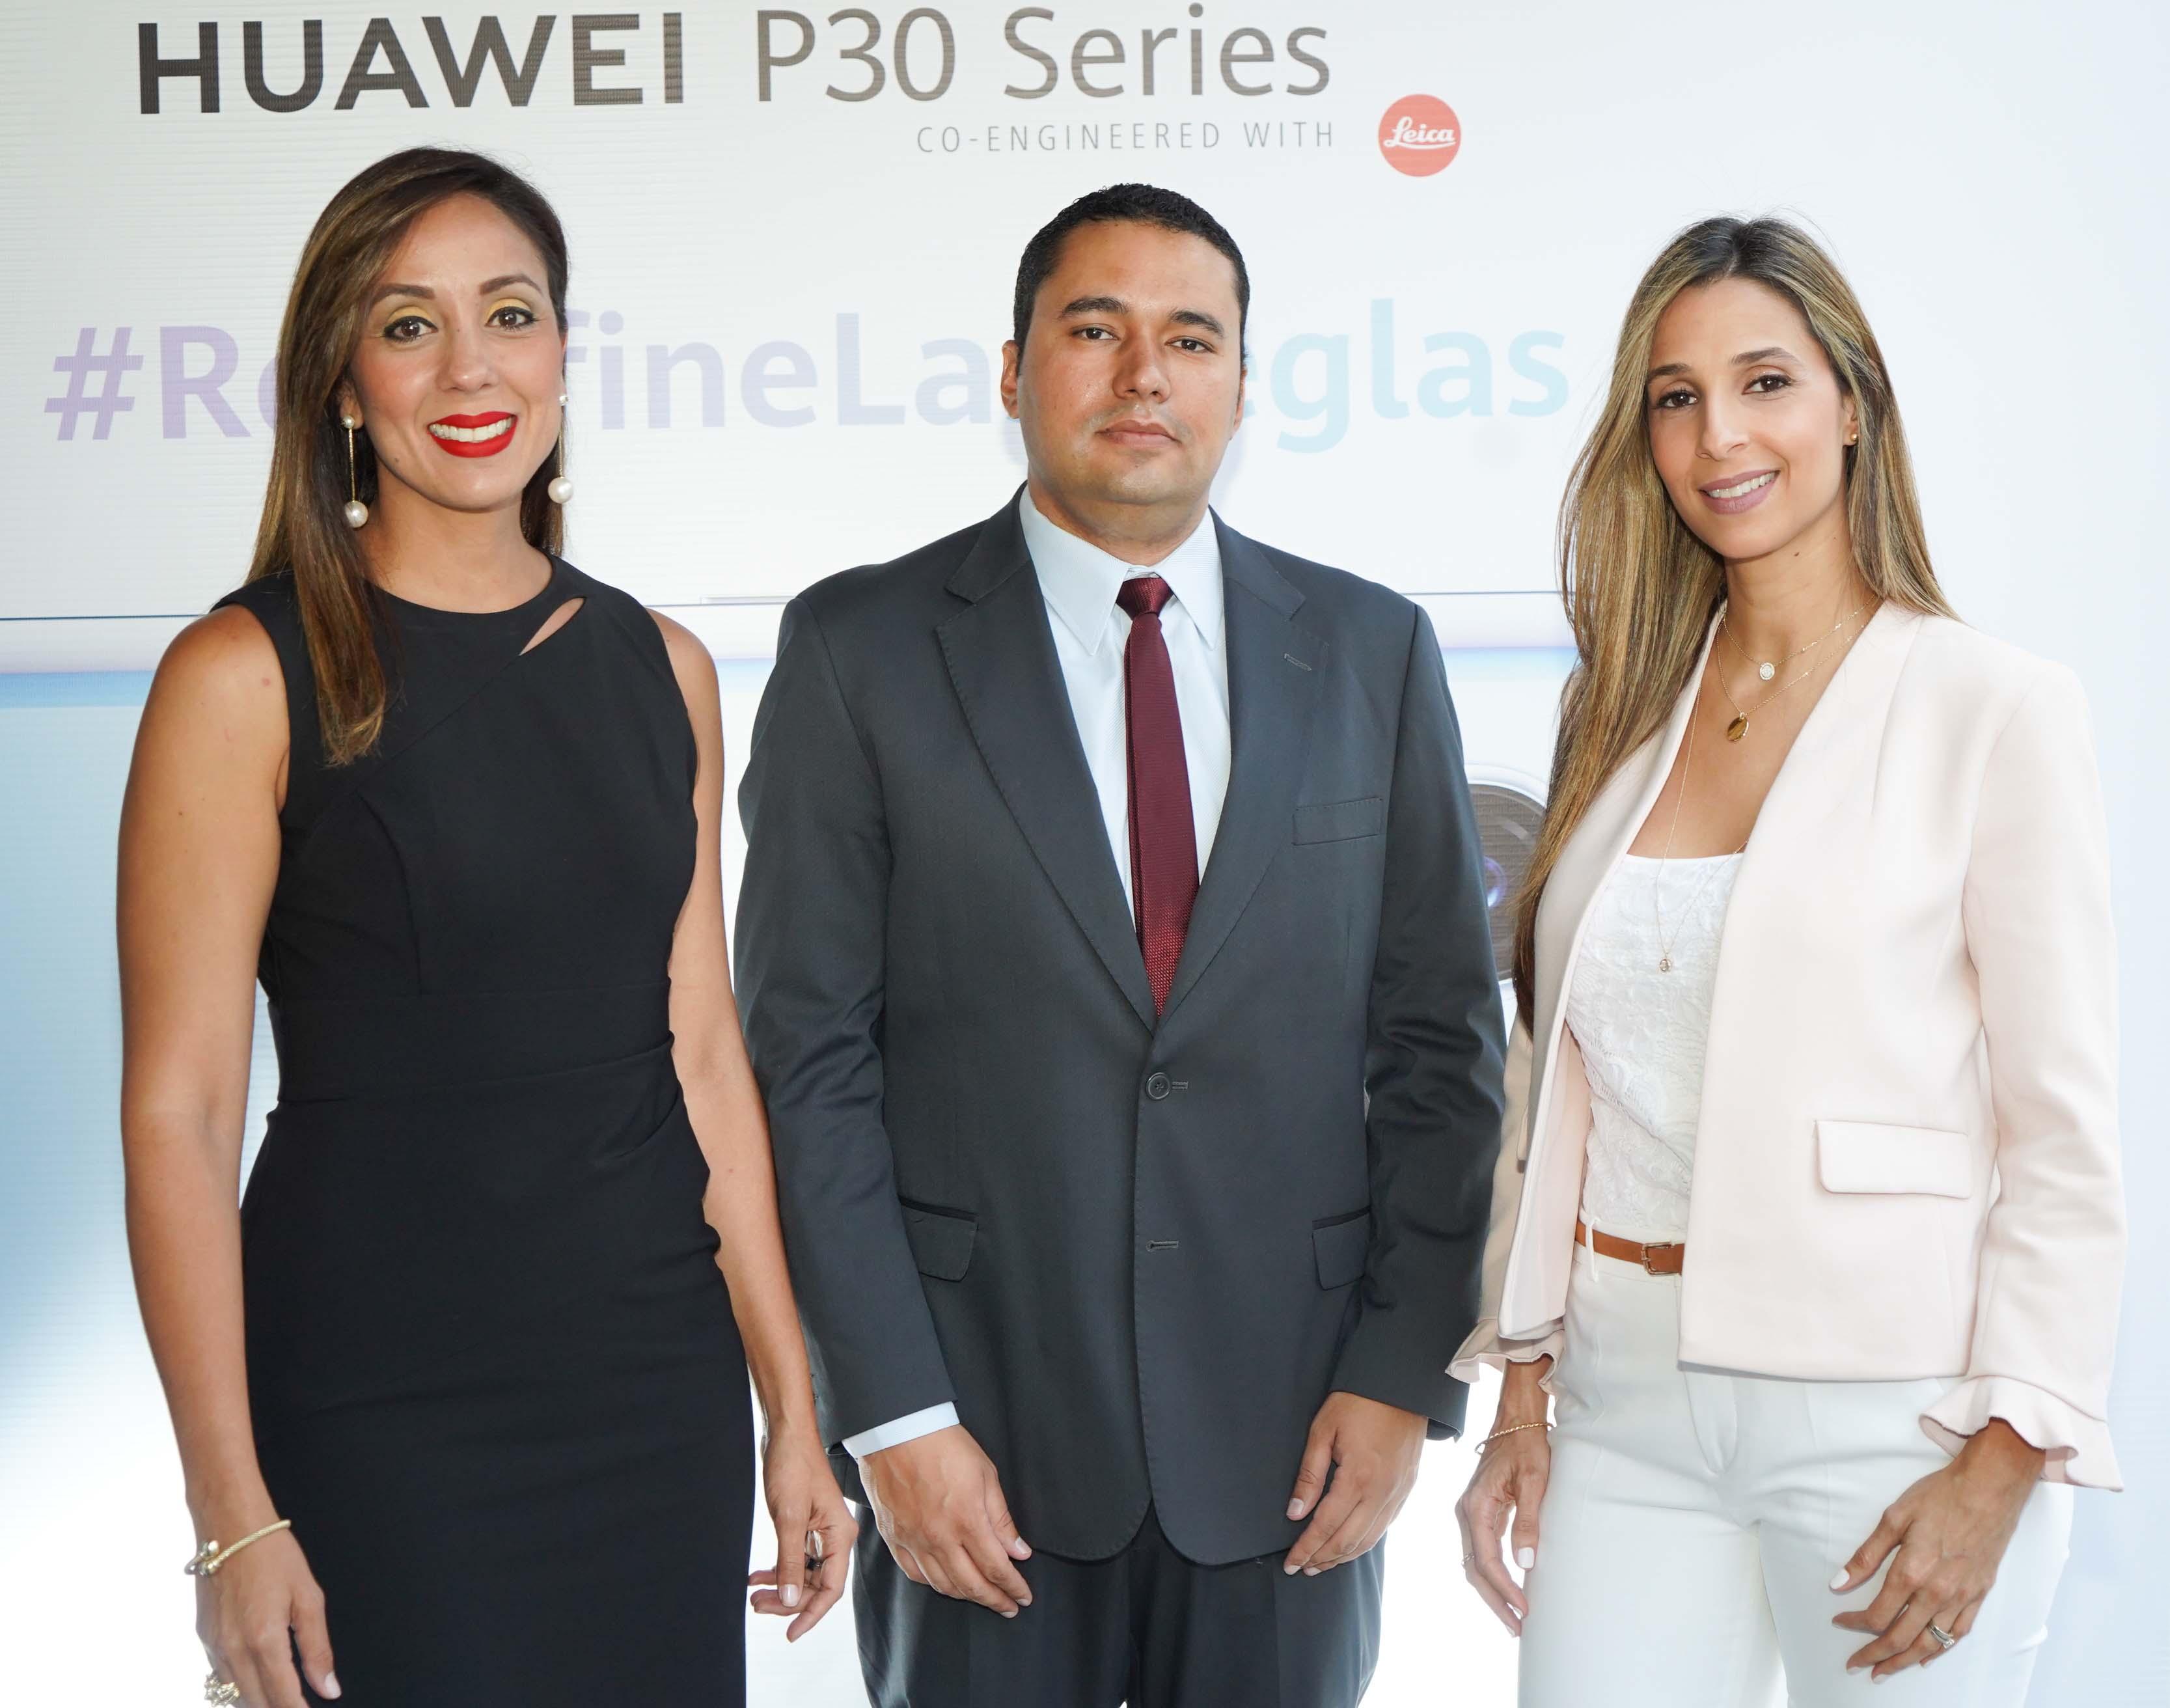 1. Principal Celines Encarnacion, Antonio Rios y Carolina Guzman